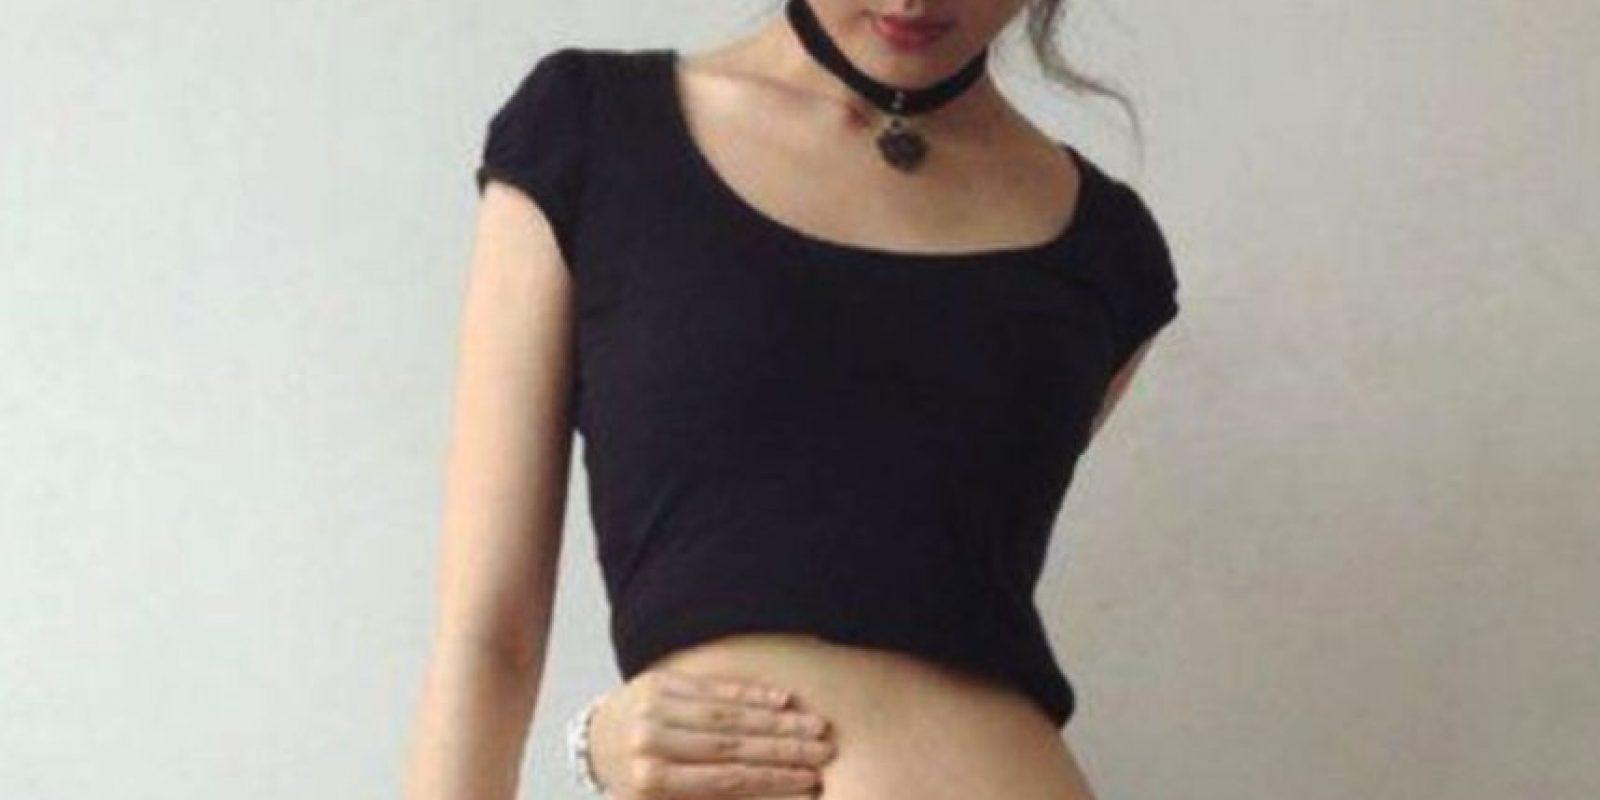 Weibo, la red social más popular en China, se llenó de estas selfies de mujeres y hombres realizando el #BellyButtonChallenge. Foto:Vía Weibo